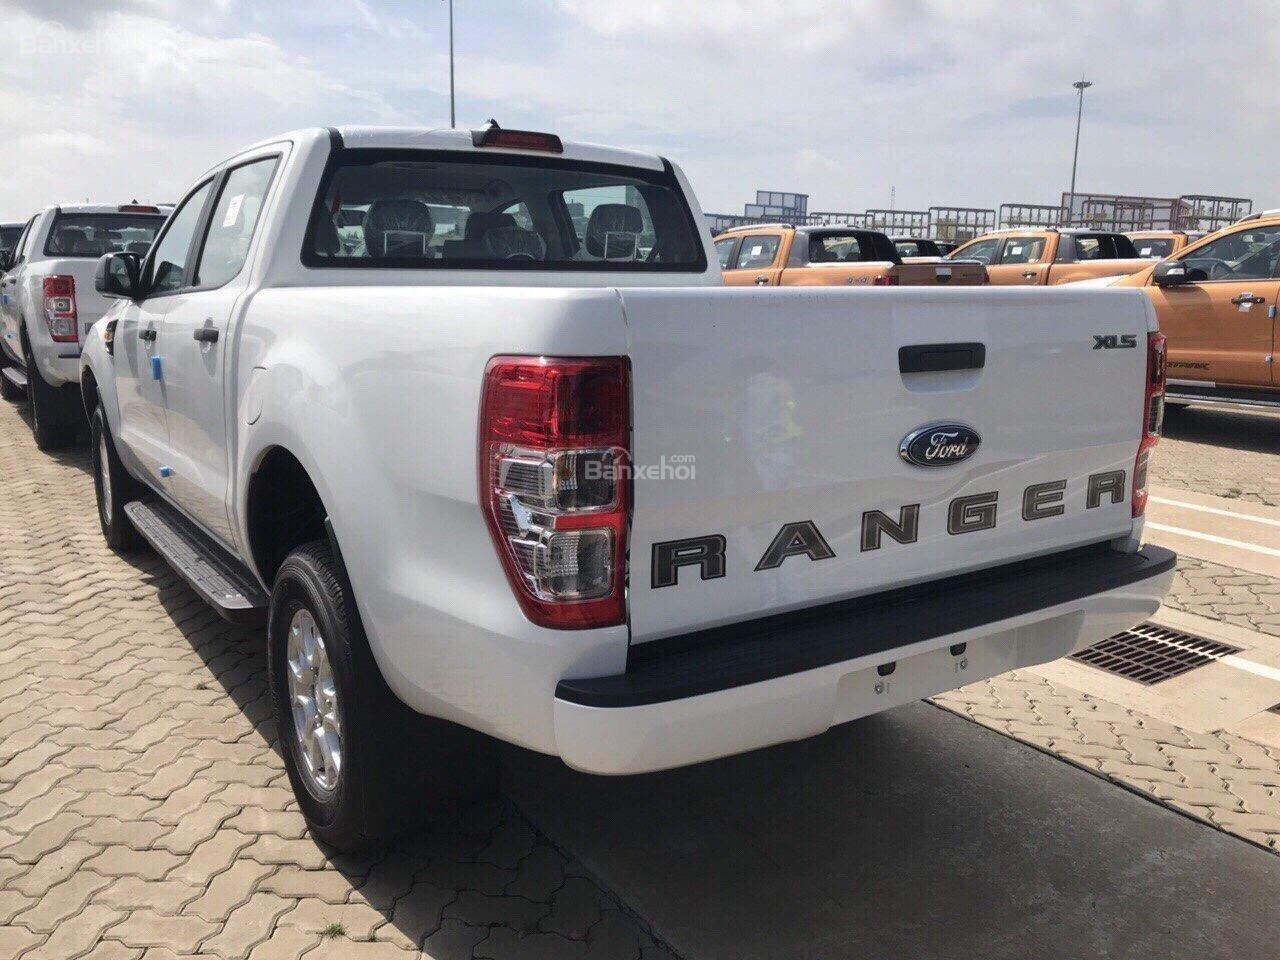 Cần bán Ford Ranger XLS AT 2.2L 4*2 đời 2018, đủ màu giao ngay với những ưu đãi hấp dẫn-1